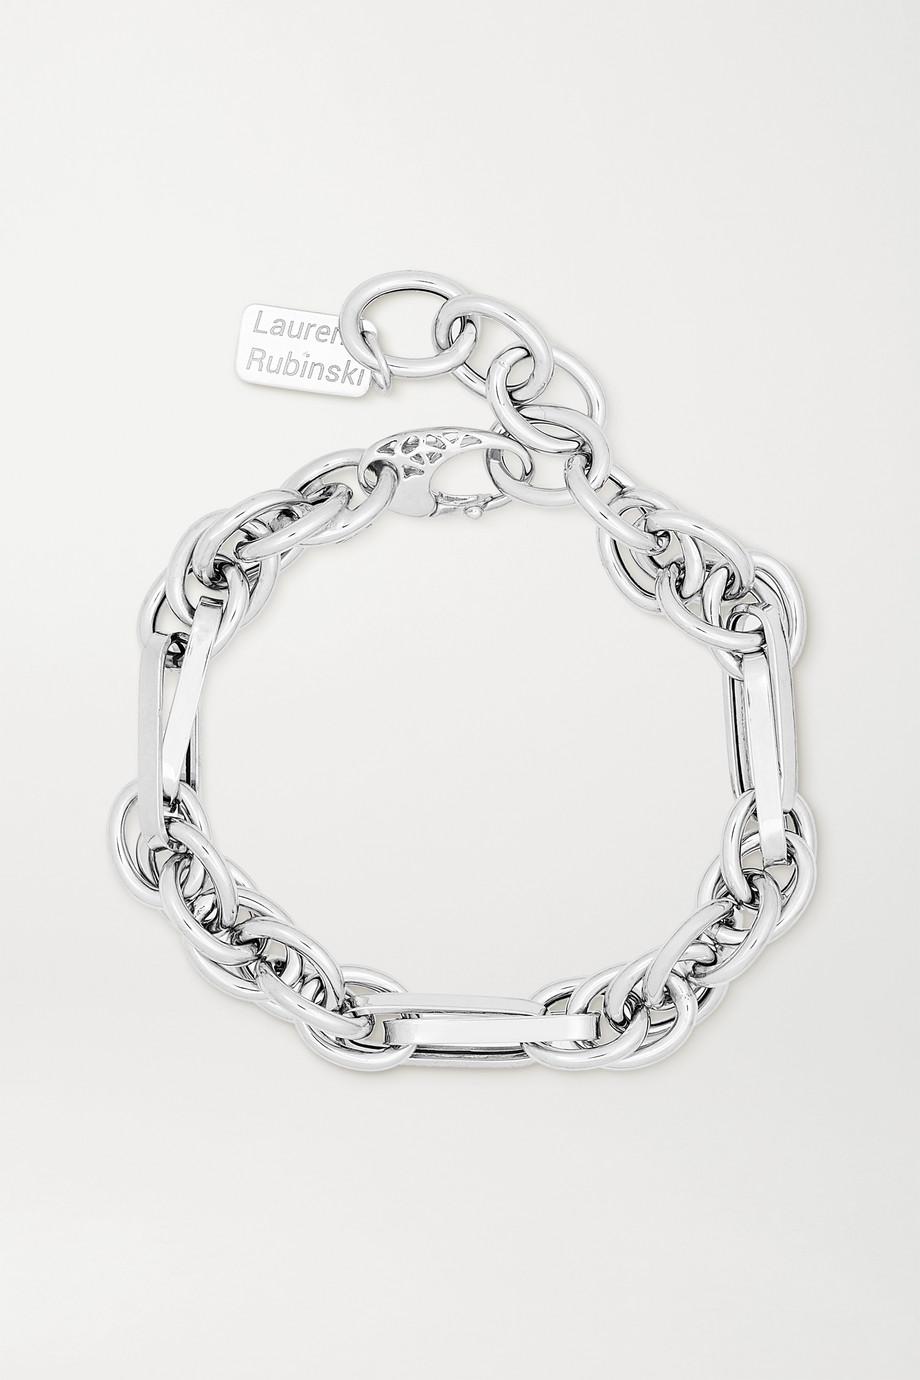 Lauren Rubinski Small 14-karat white gold bracelet